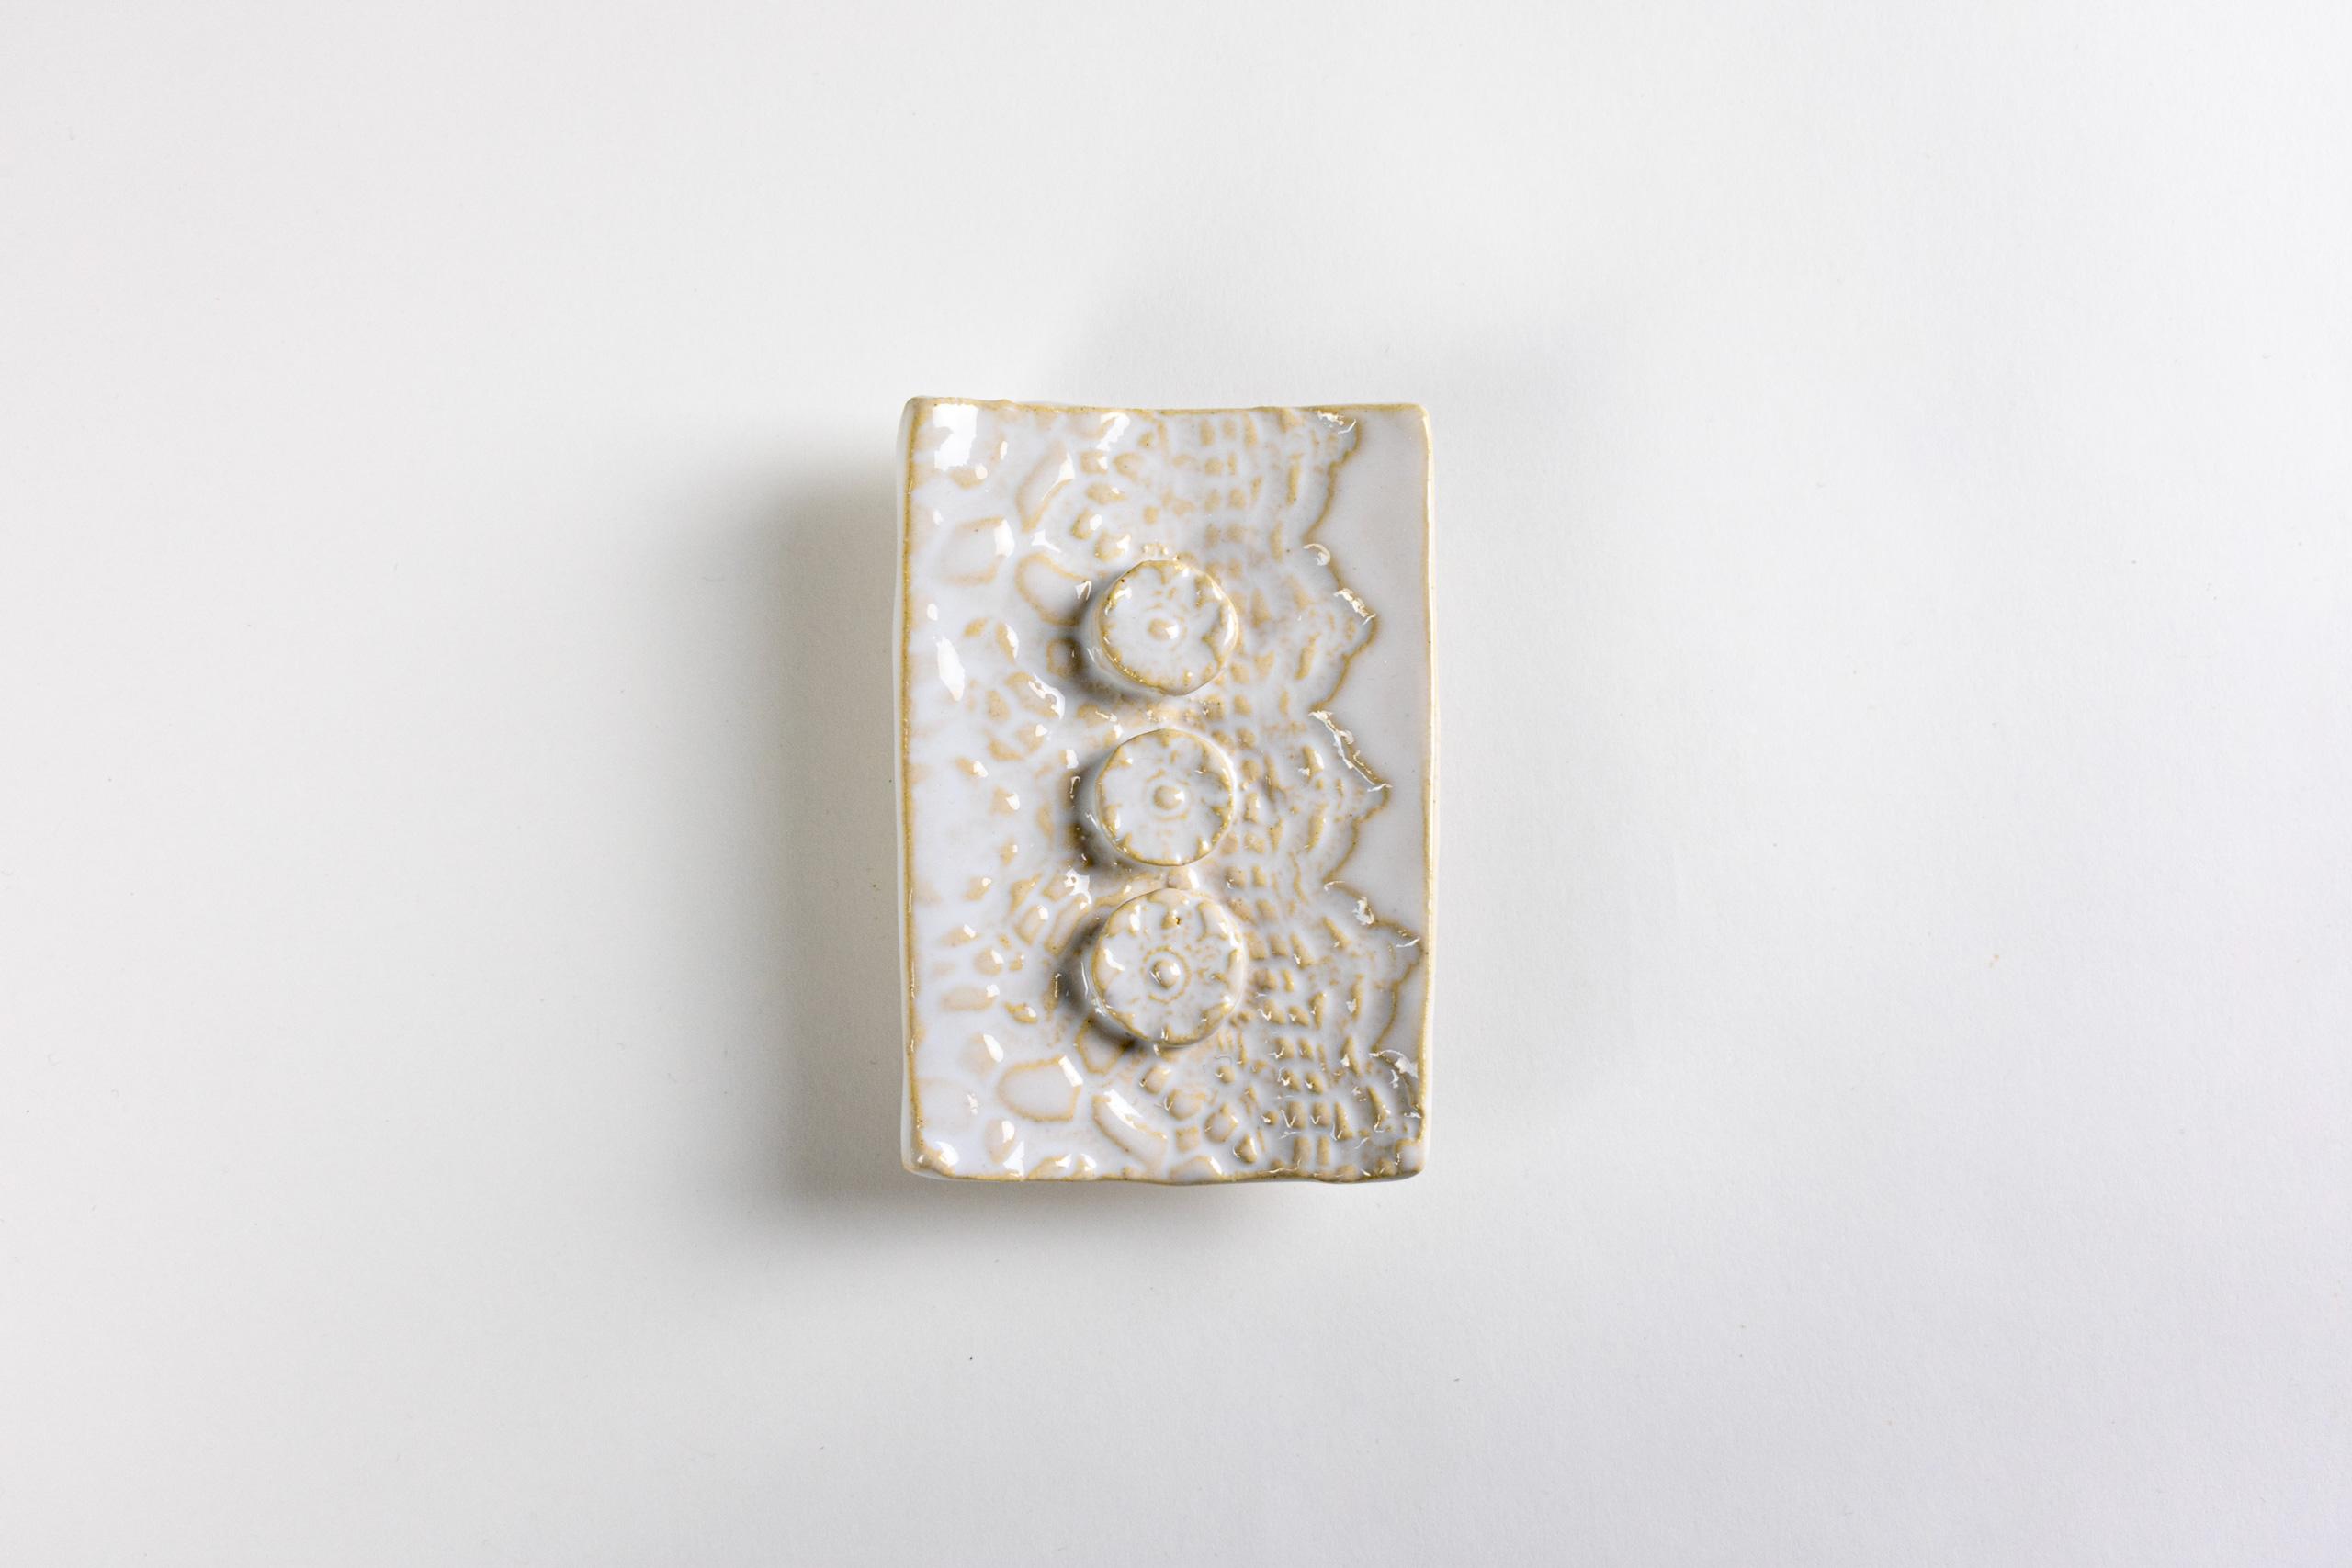 Porte-savon pour faire sécher tes savons